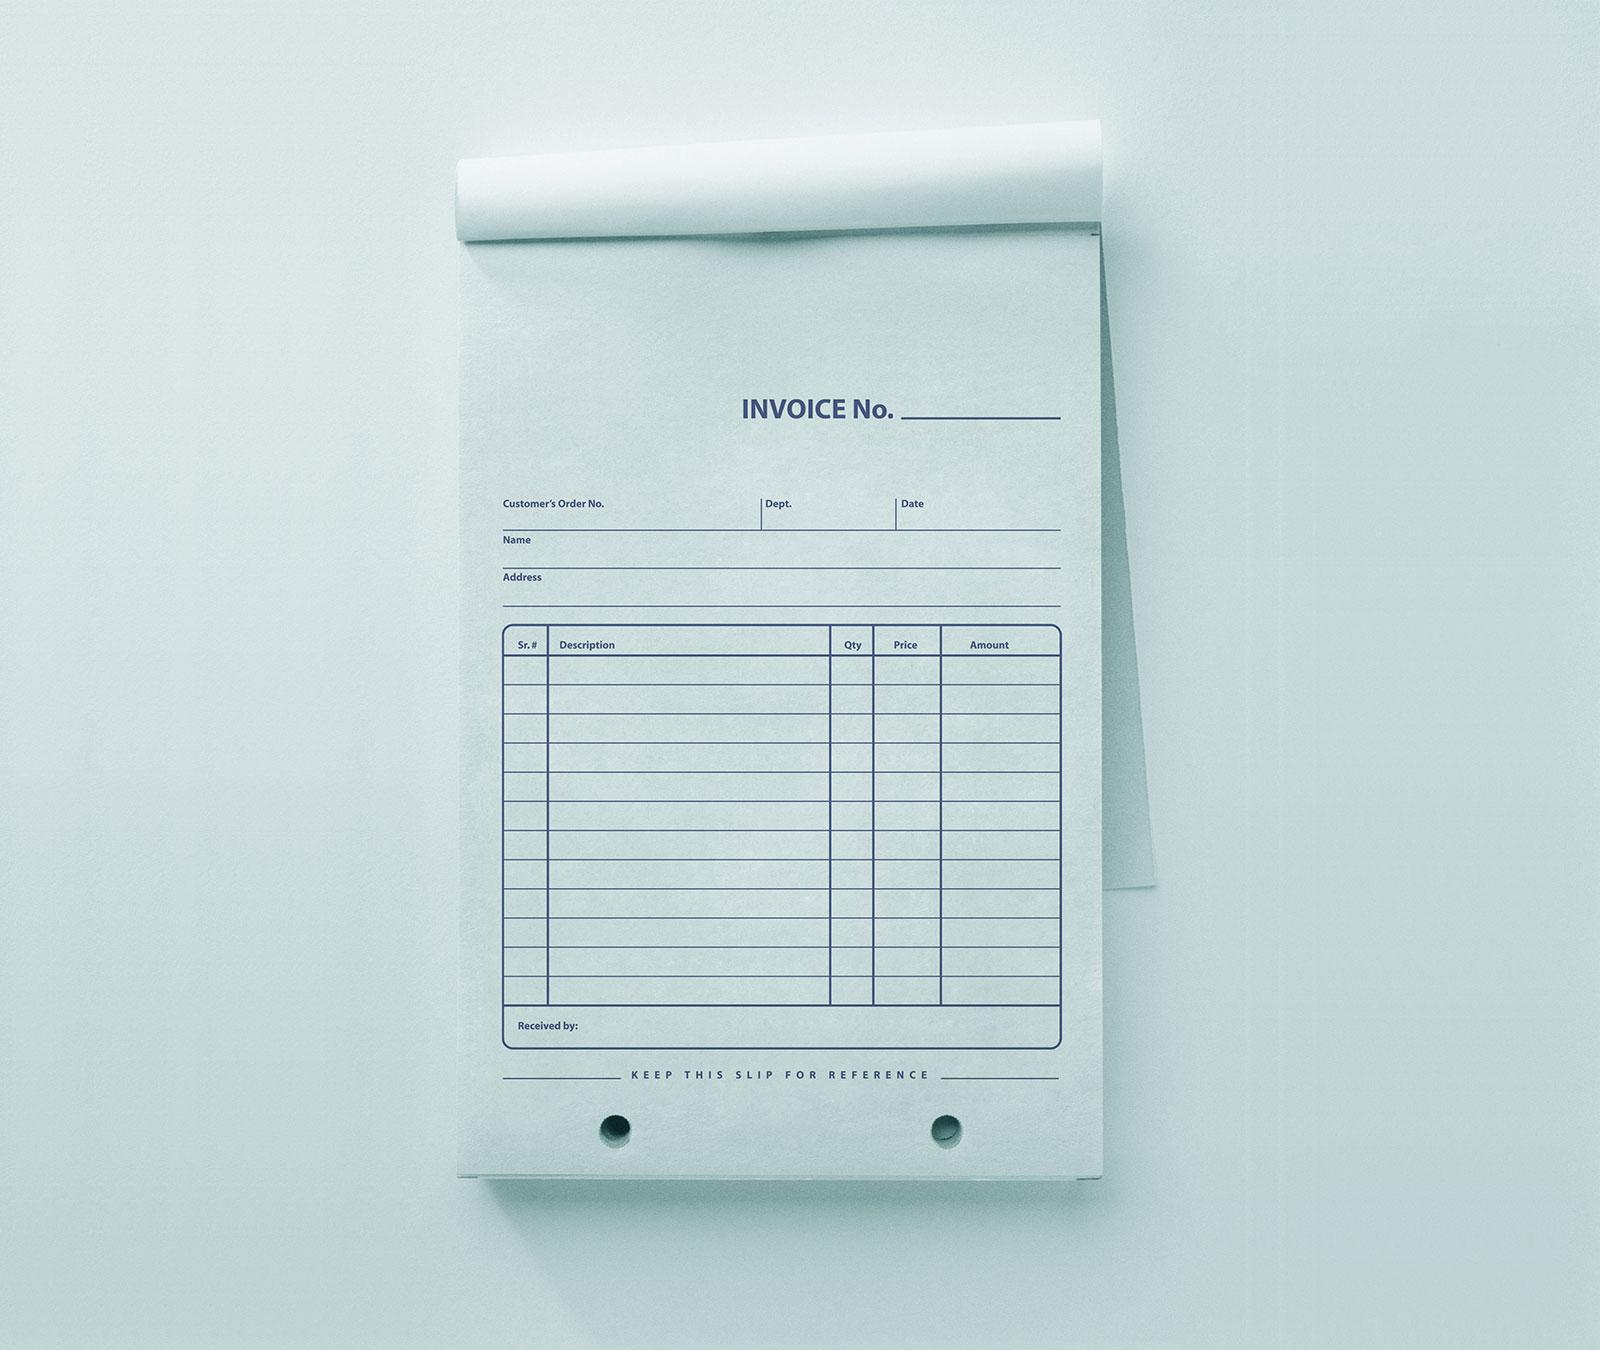 free company retail invoice bill pad mockup psd